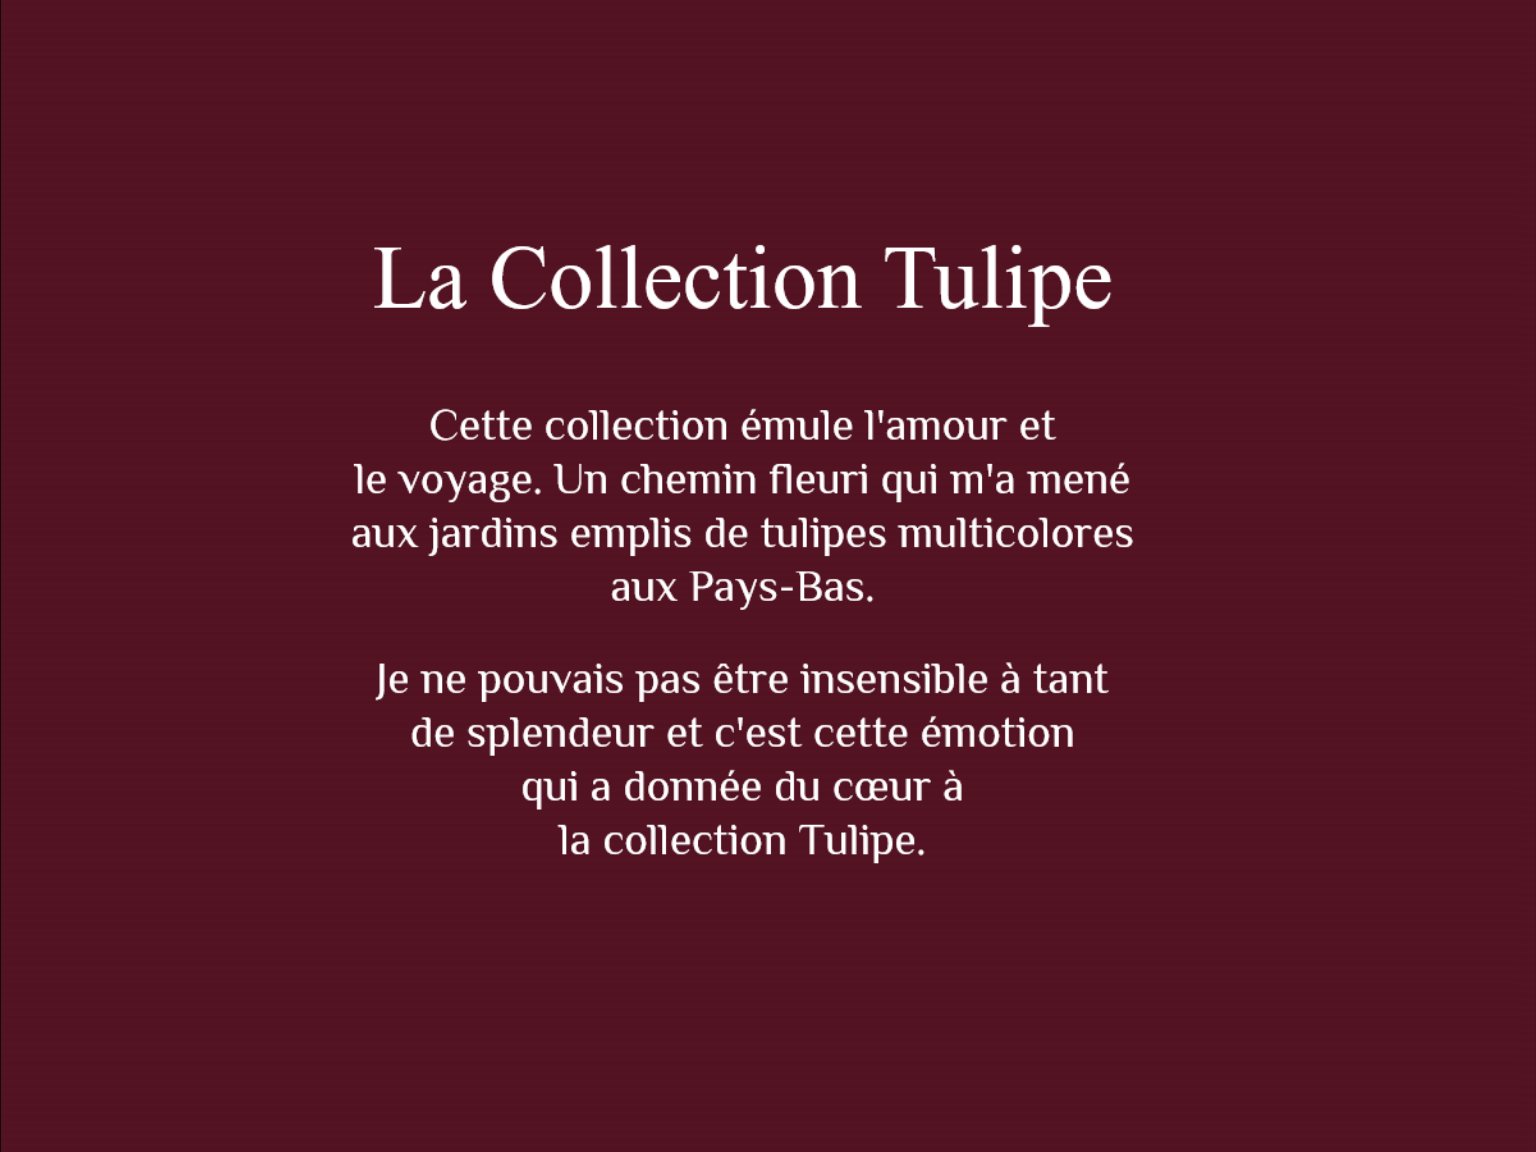 La collection tulipe 13